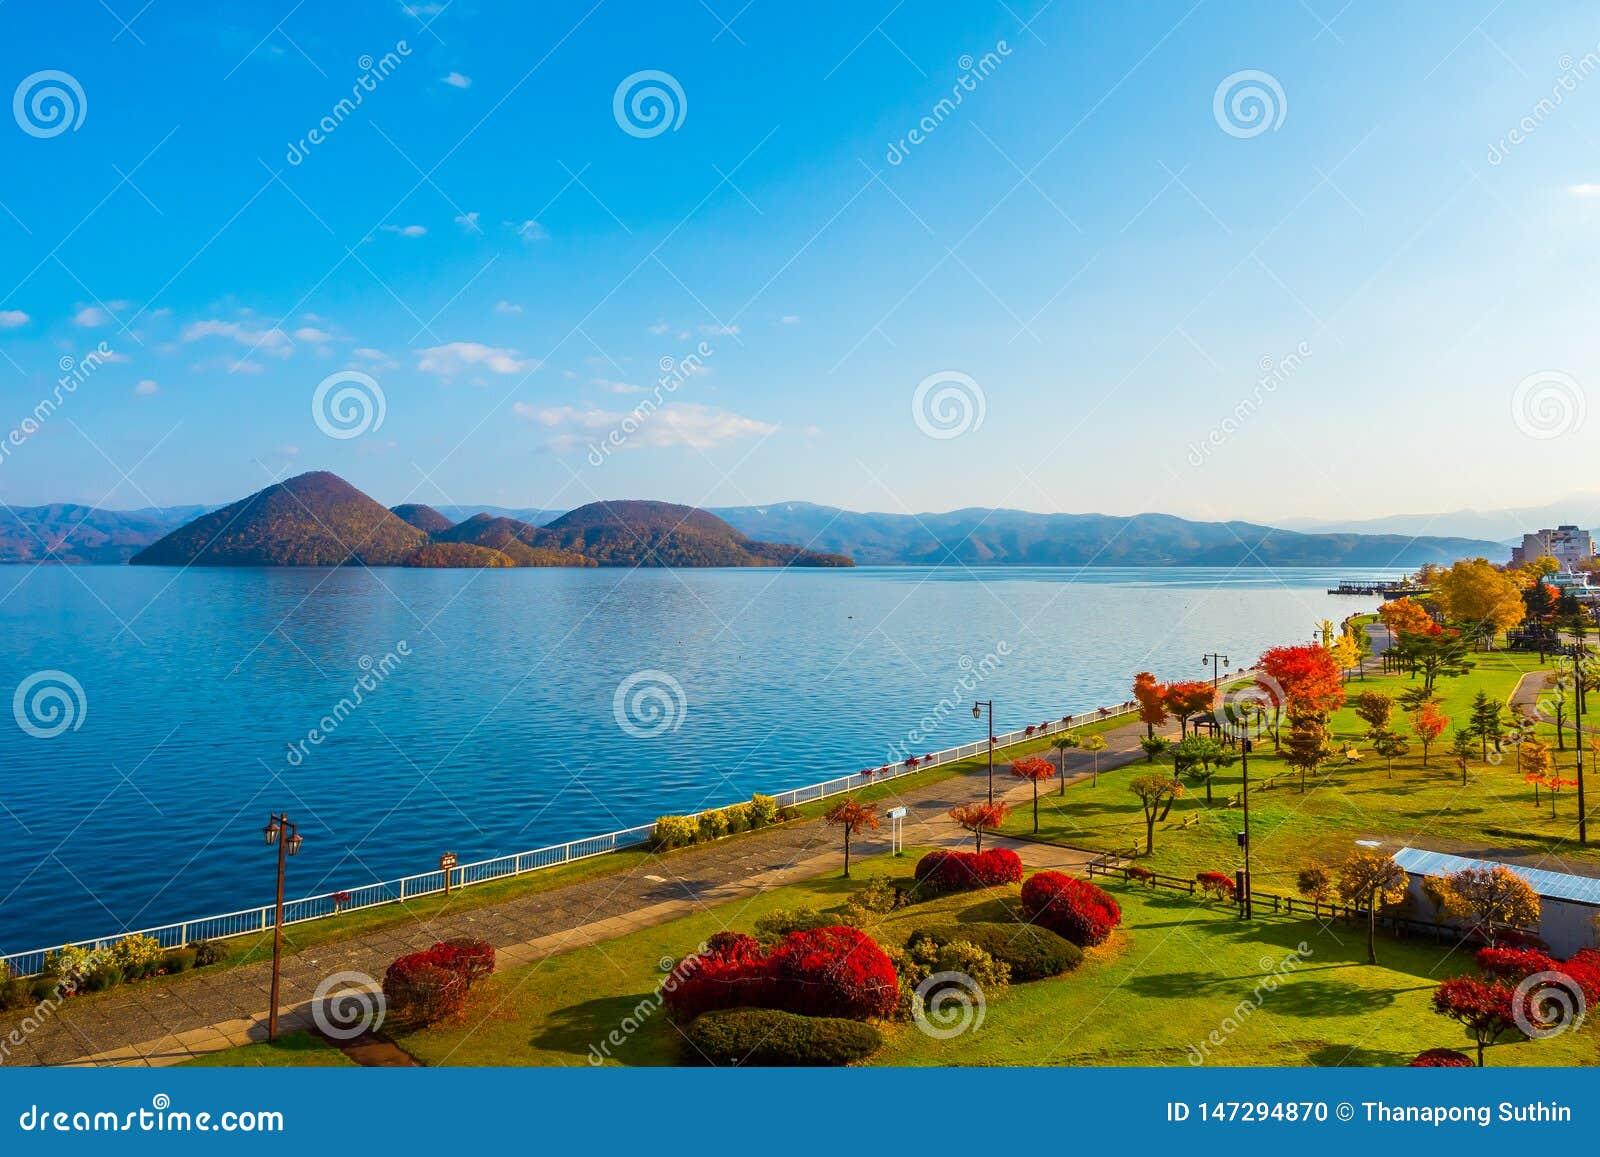 Πάρκο κοντά στη λίμνη Toya στην πόλη Toyako, Hokkaido, Ιαπωνία